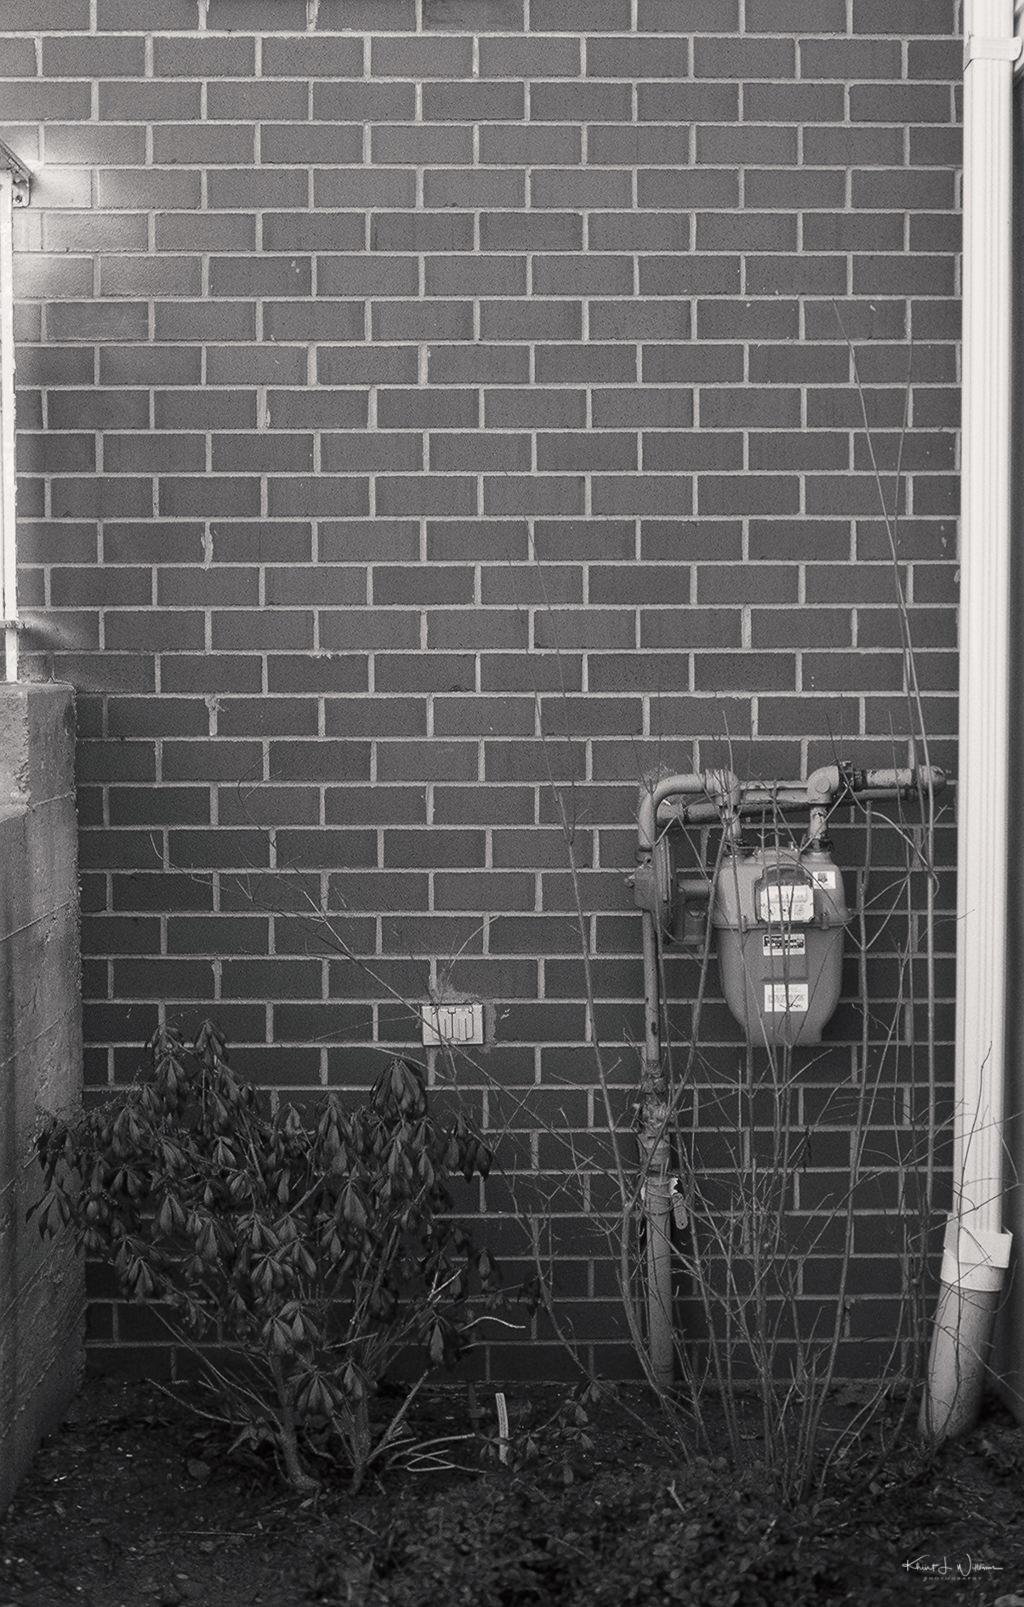 outdoor water meter